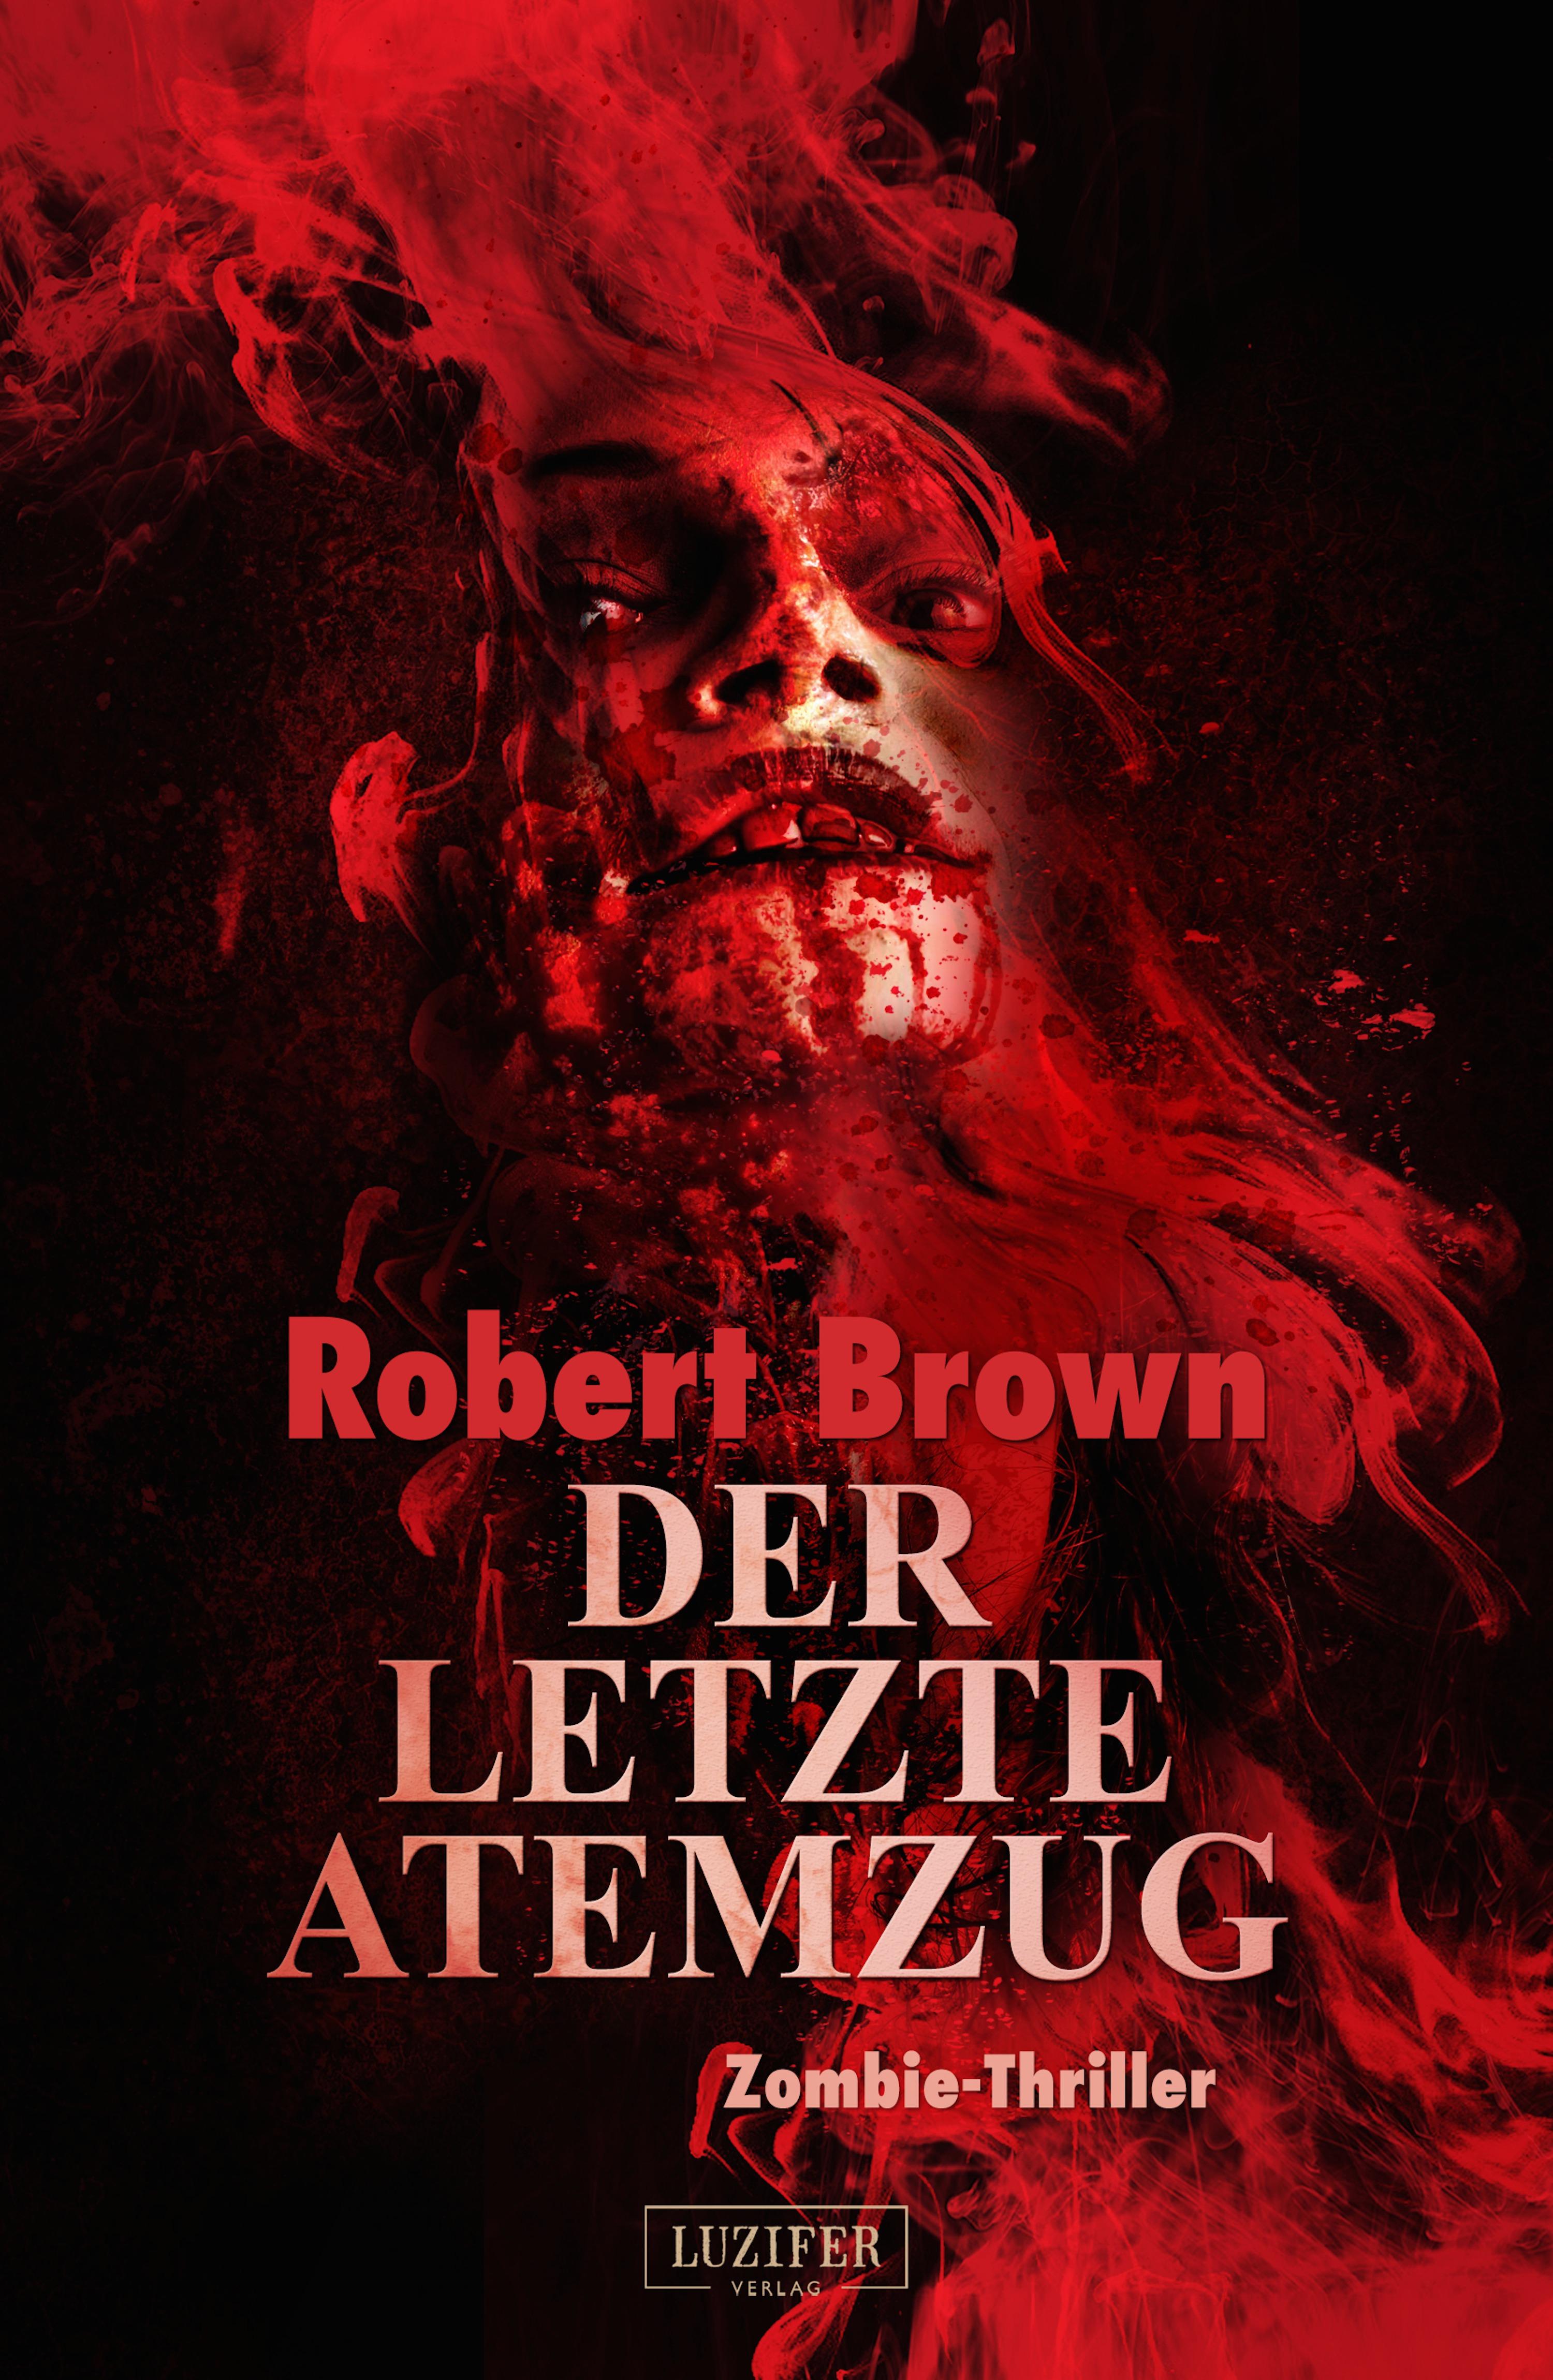 Robert Brown DER LETZTE ATEMZUG robert brown der letzte atemzug